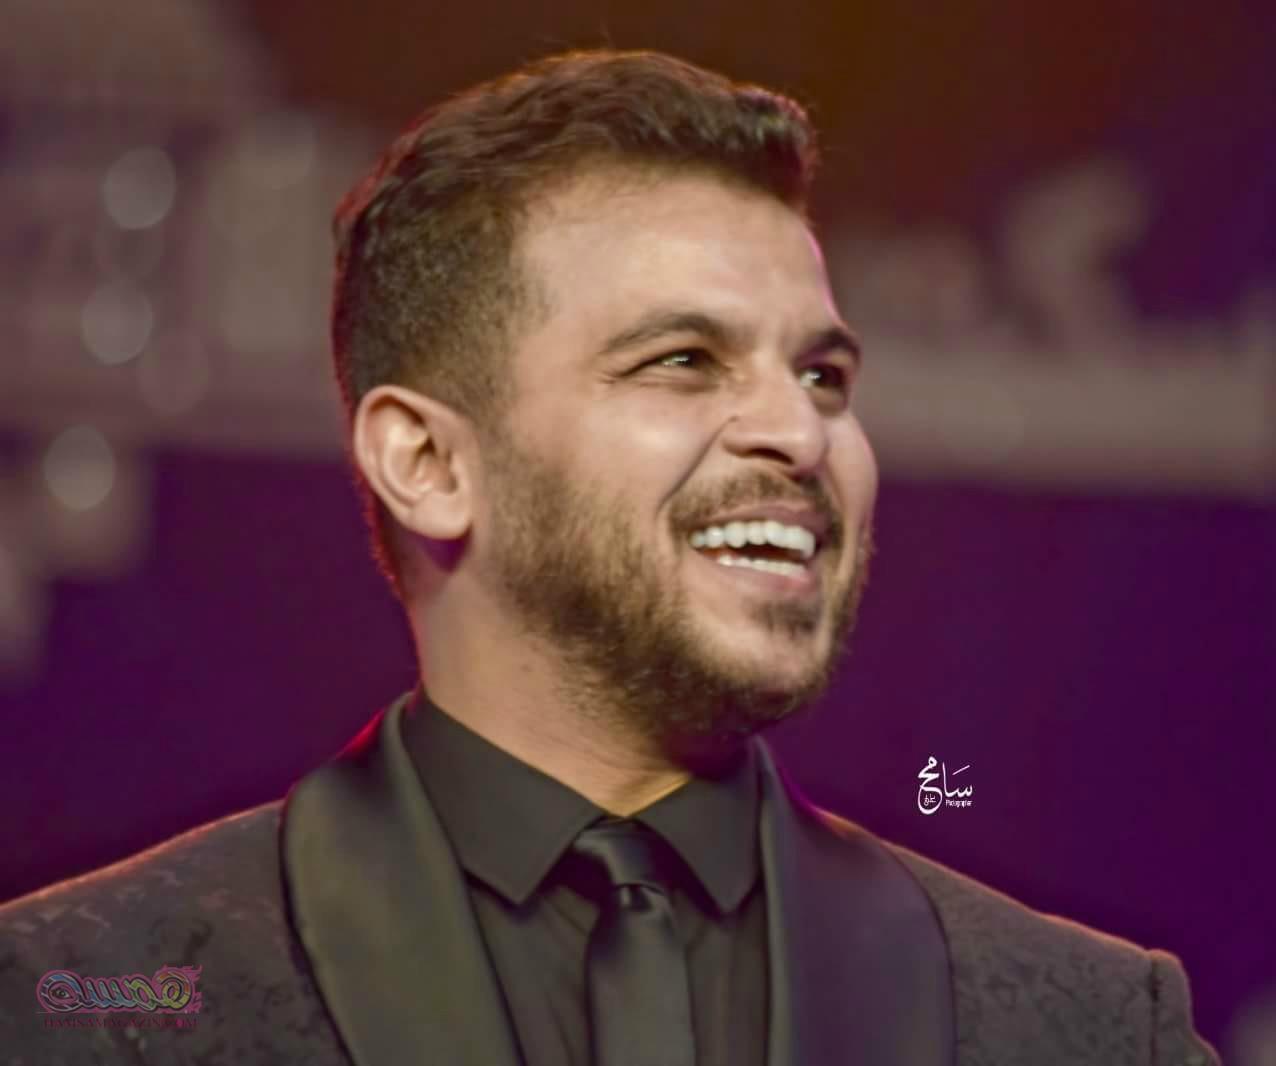 """محمد رشاد يدعم حملة """"إتحدى نفسك"""" في اليوم العالمي لمتحدي الإعاقة"""